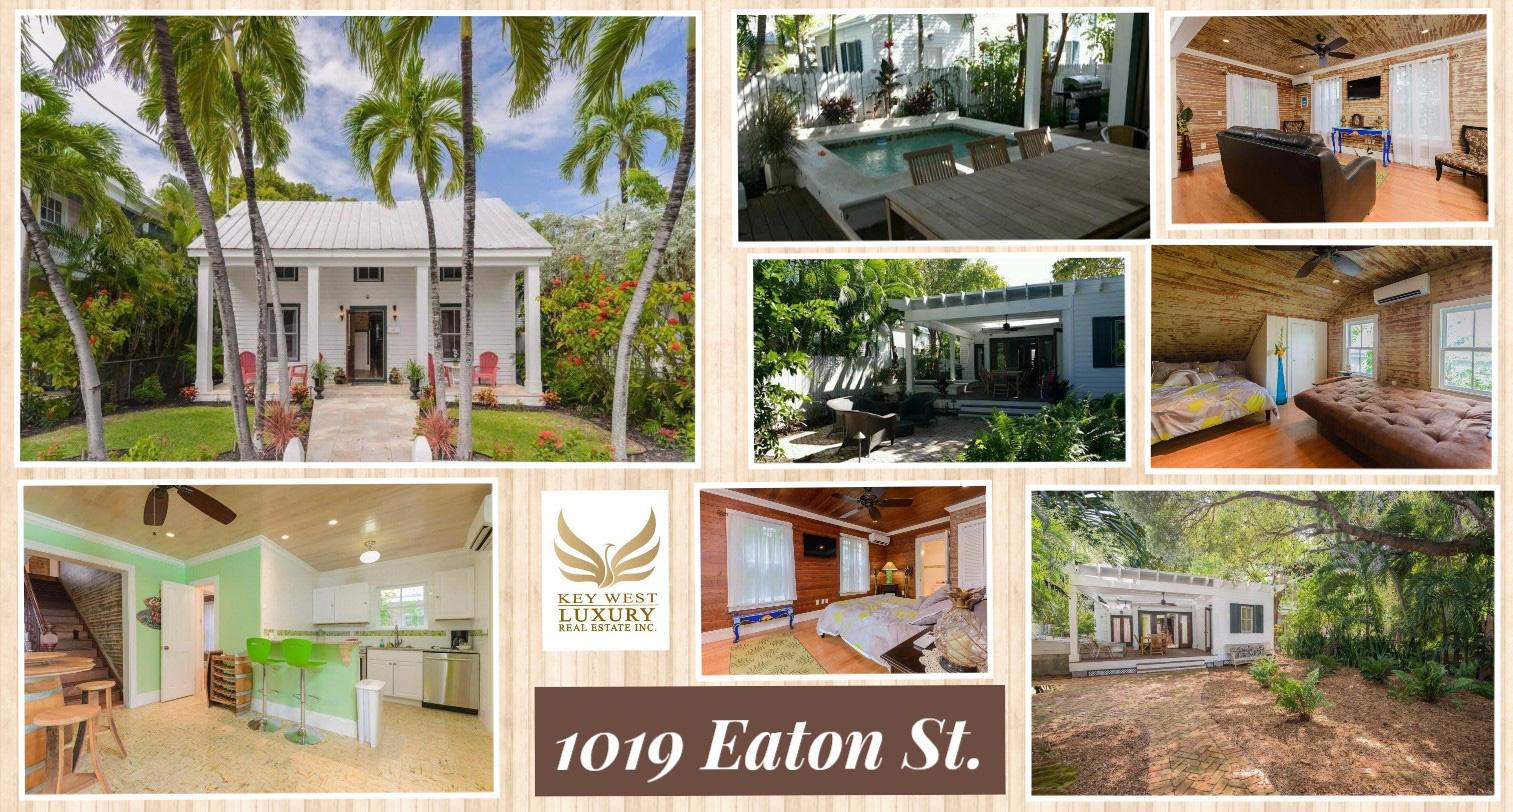 1019 Eaton St. is FOR SALE! | Dan Serban | 305.797.2352 | KeyWestDan.com